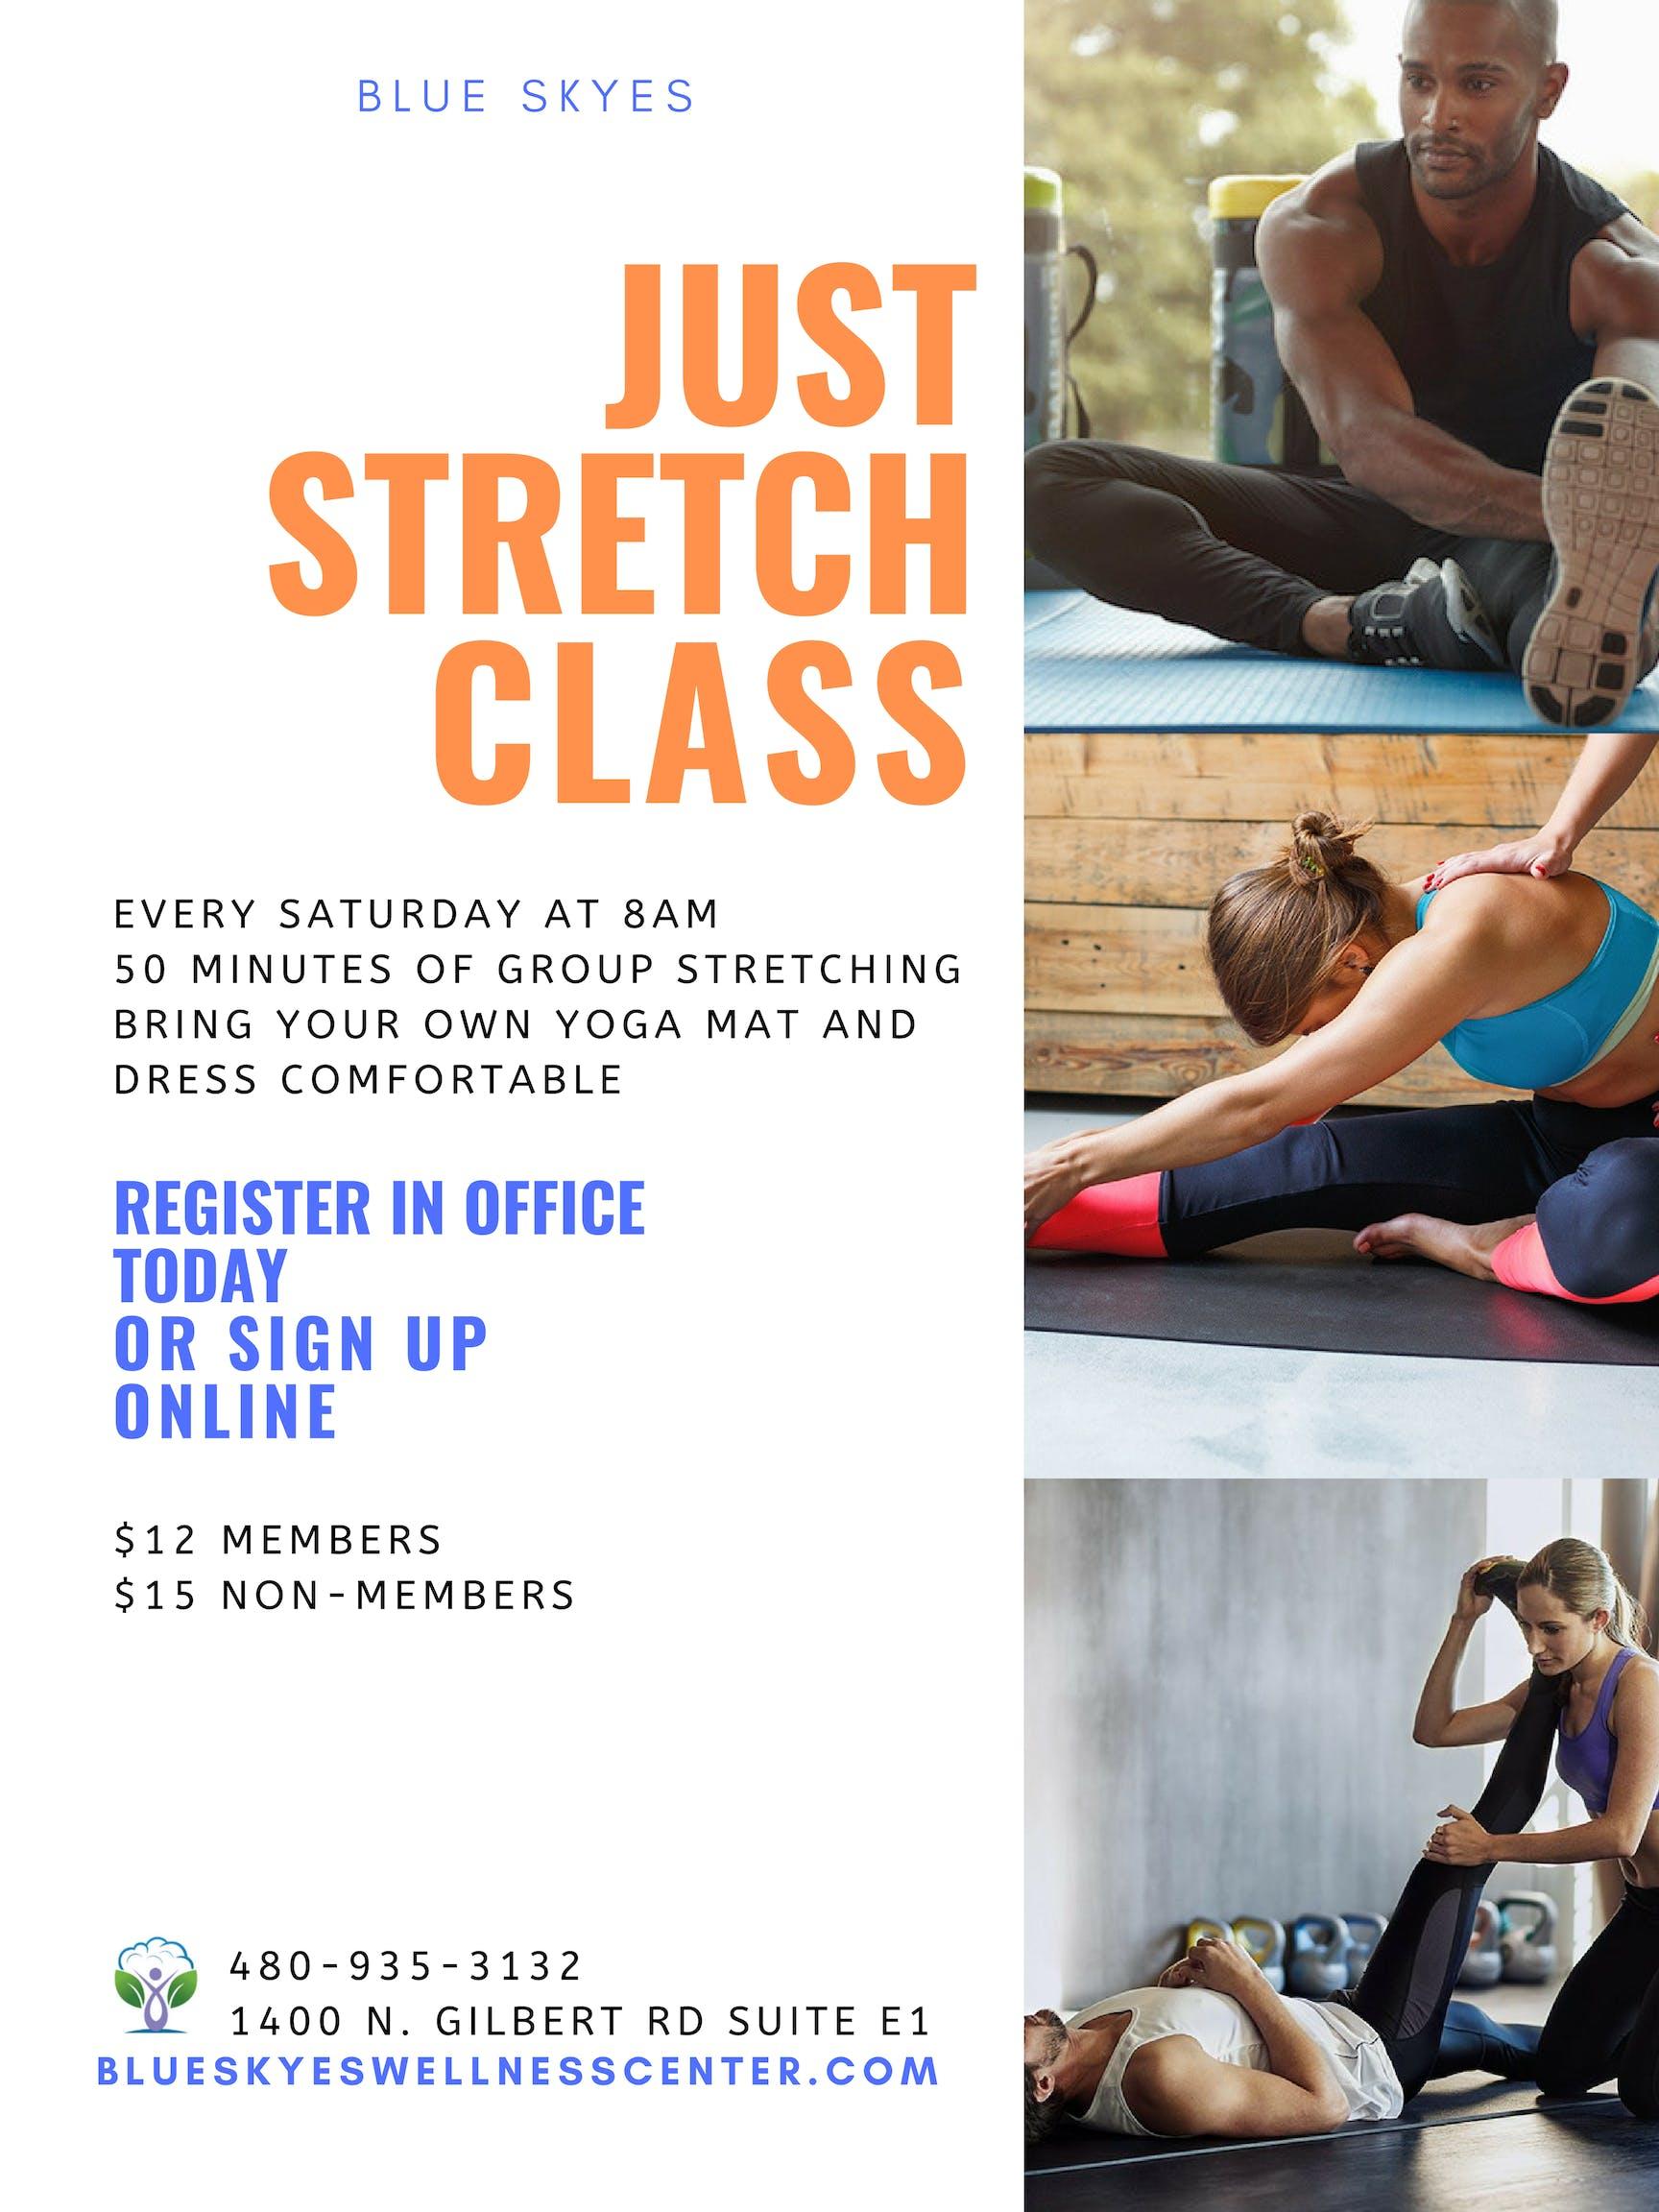 Just-sTretch Class